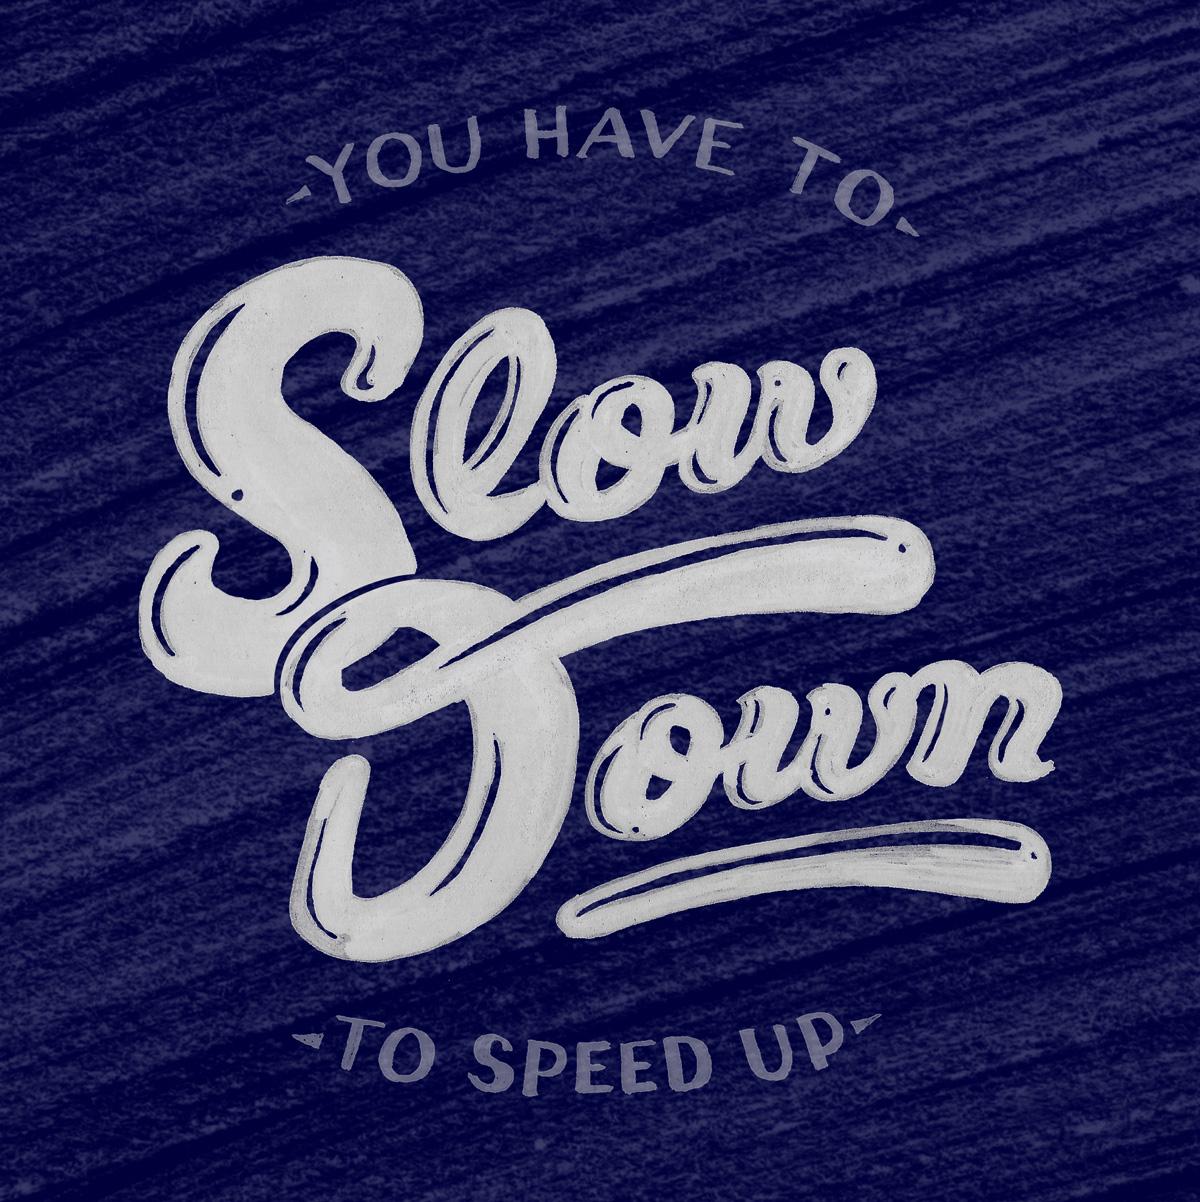 slowdown-v2.jpg